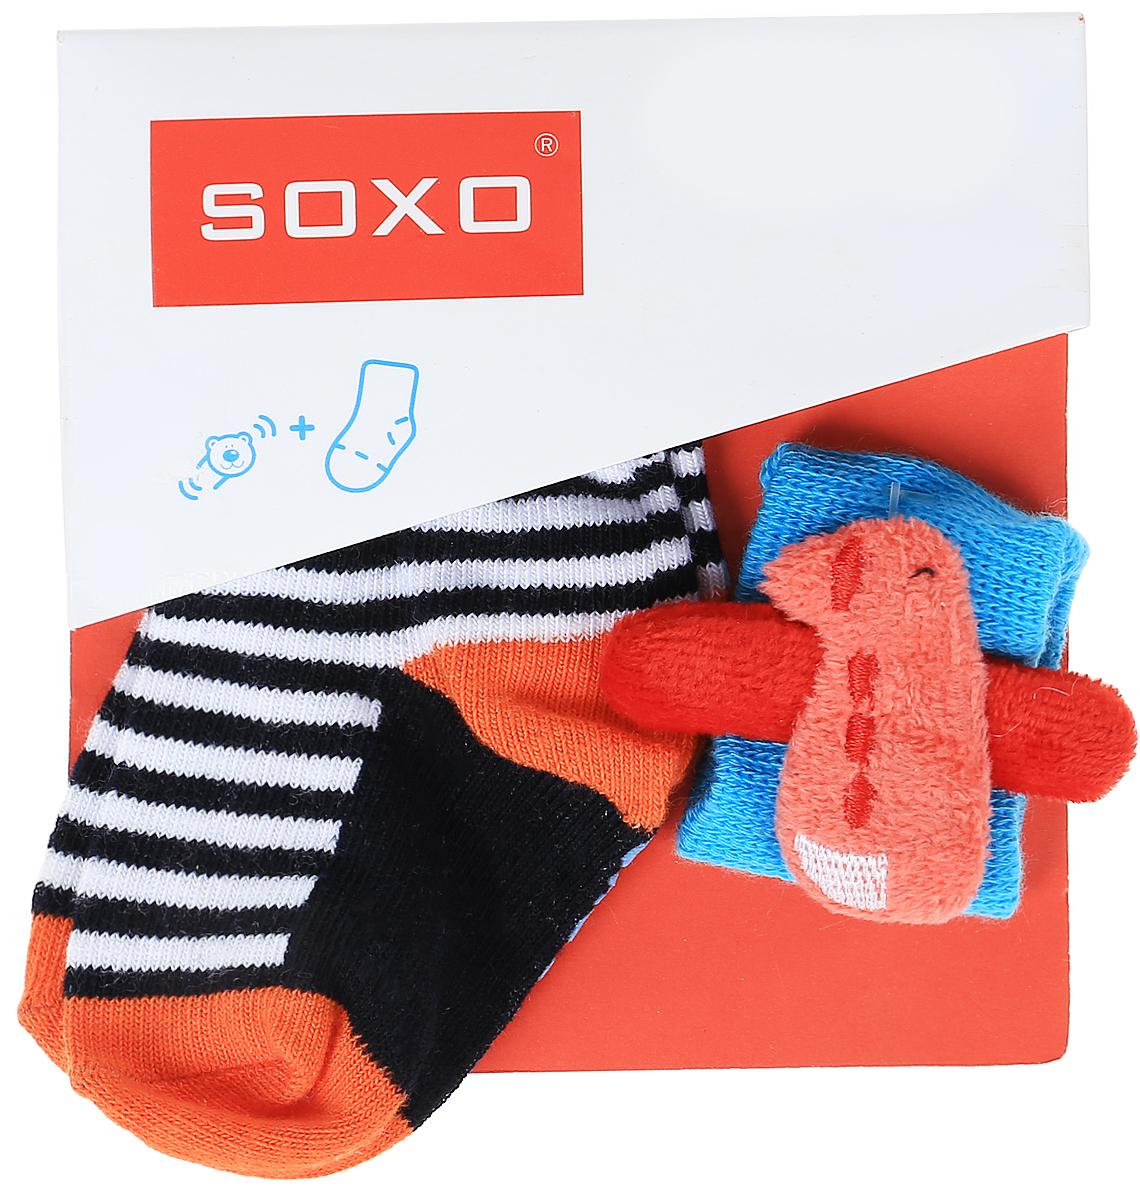 Комплект детский Soxo: носки и повязка на руку, цвет: белый, оранжевый. 68671_2. Размер 16/1868671_2